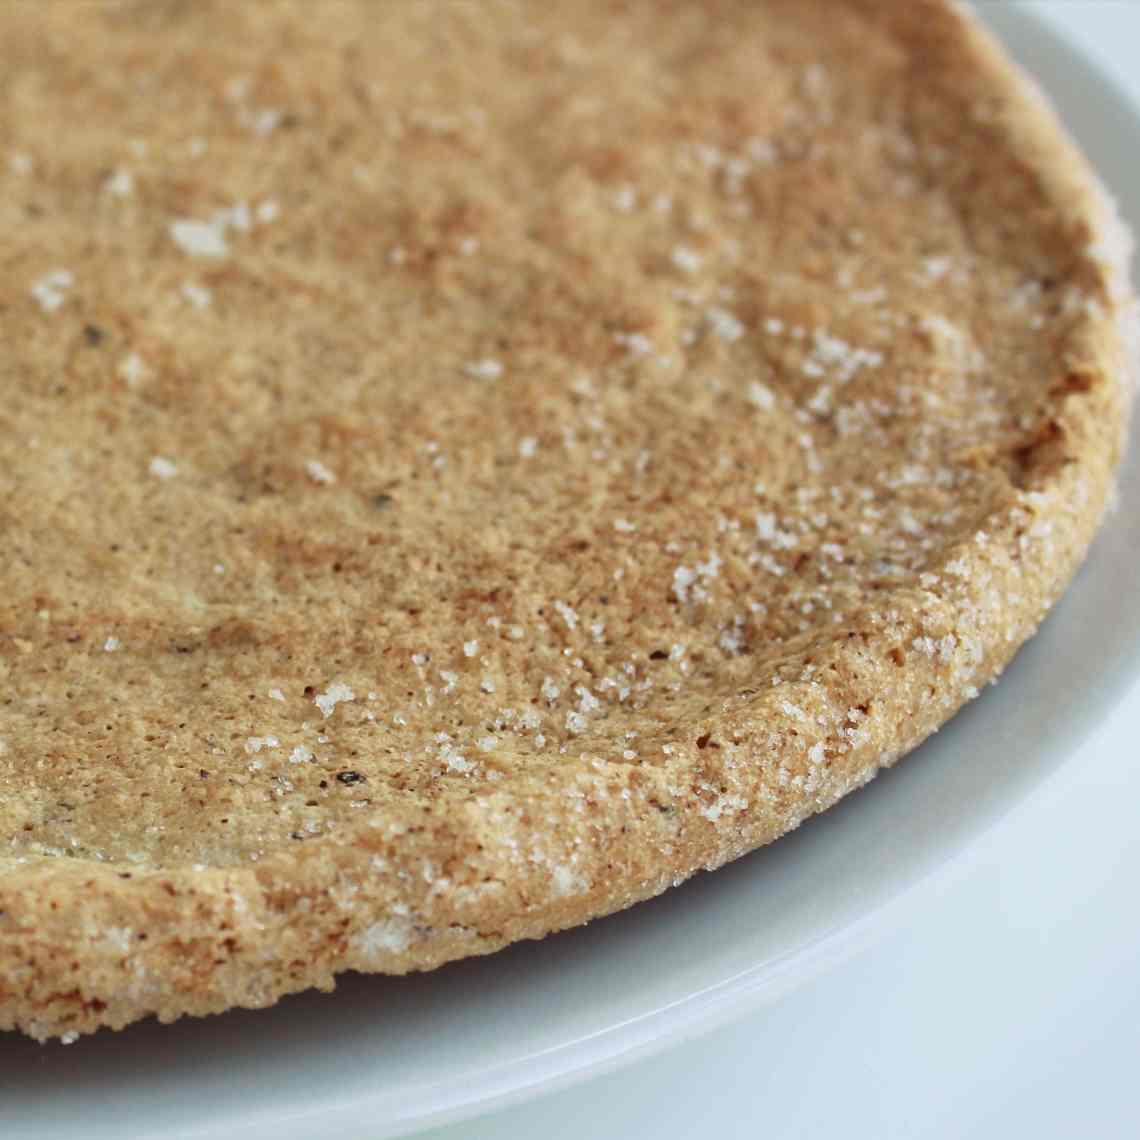 Makronbund med hasselnødder - sprød bund til kager og desserter. Find opskriften på danishthings.com